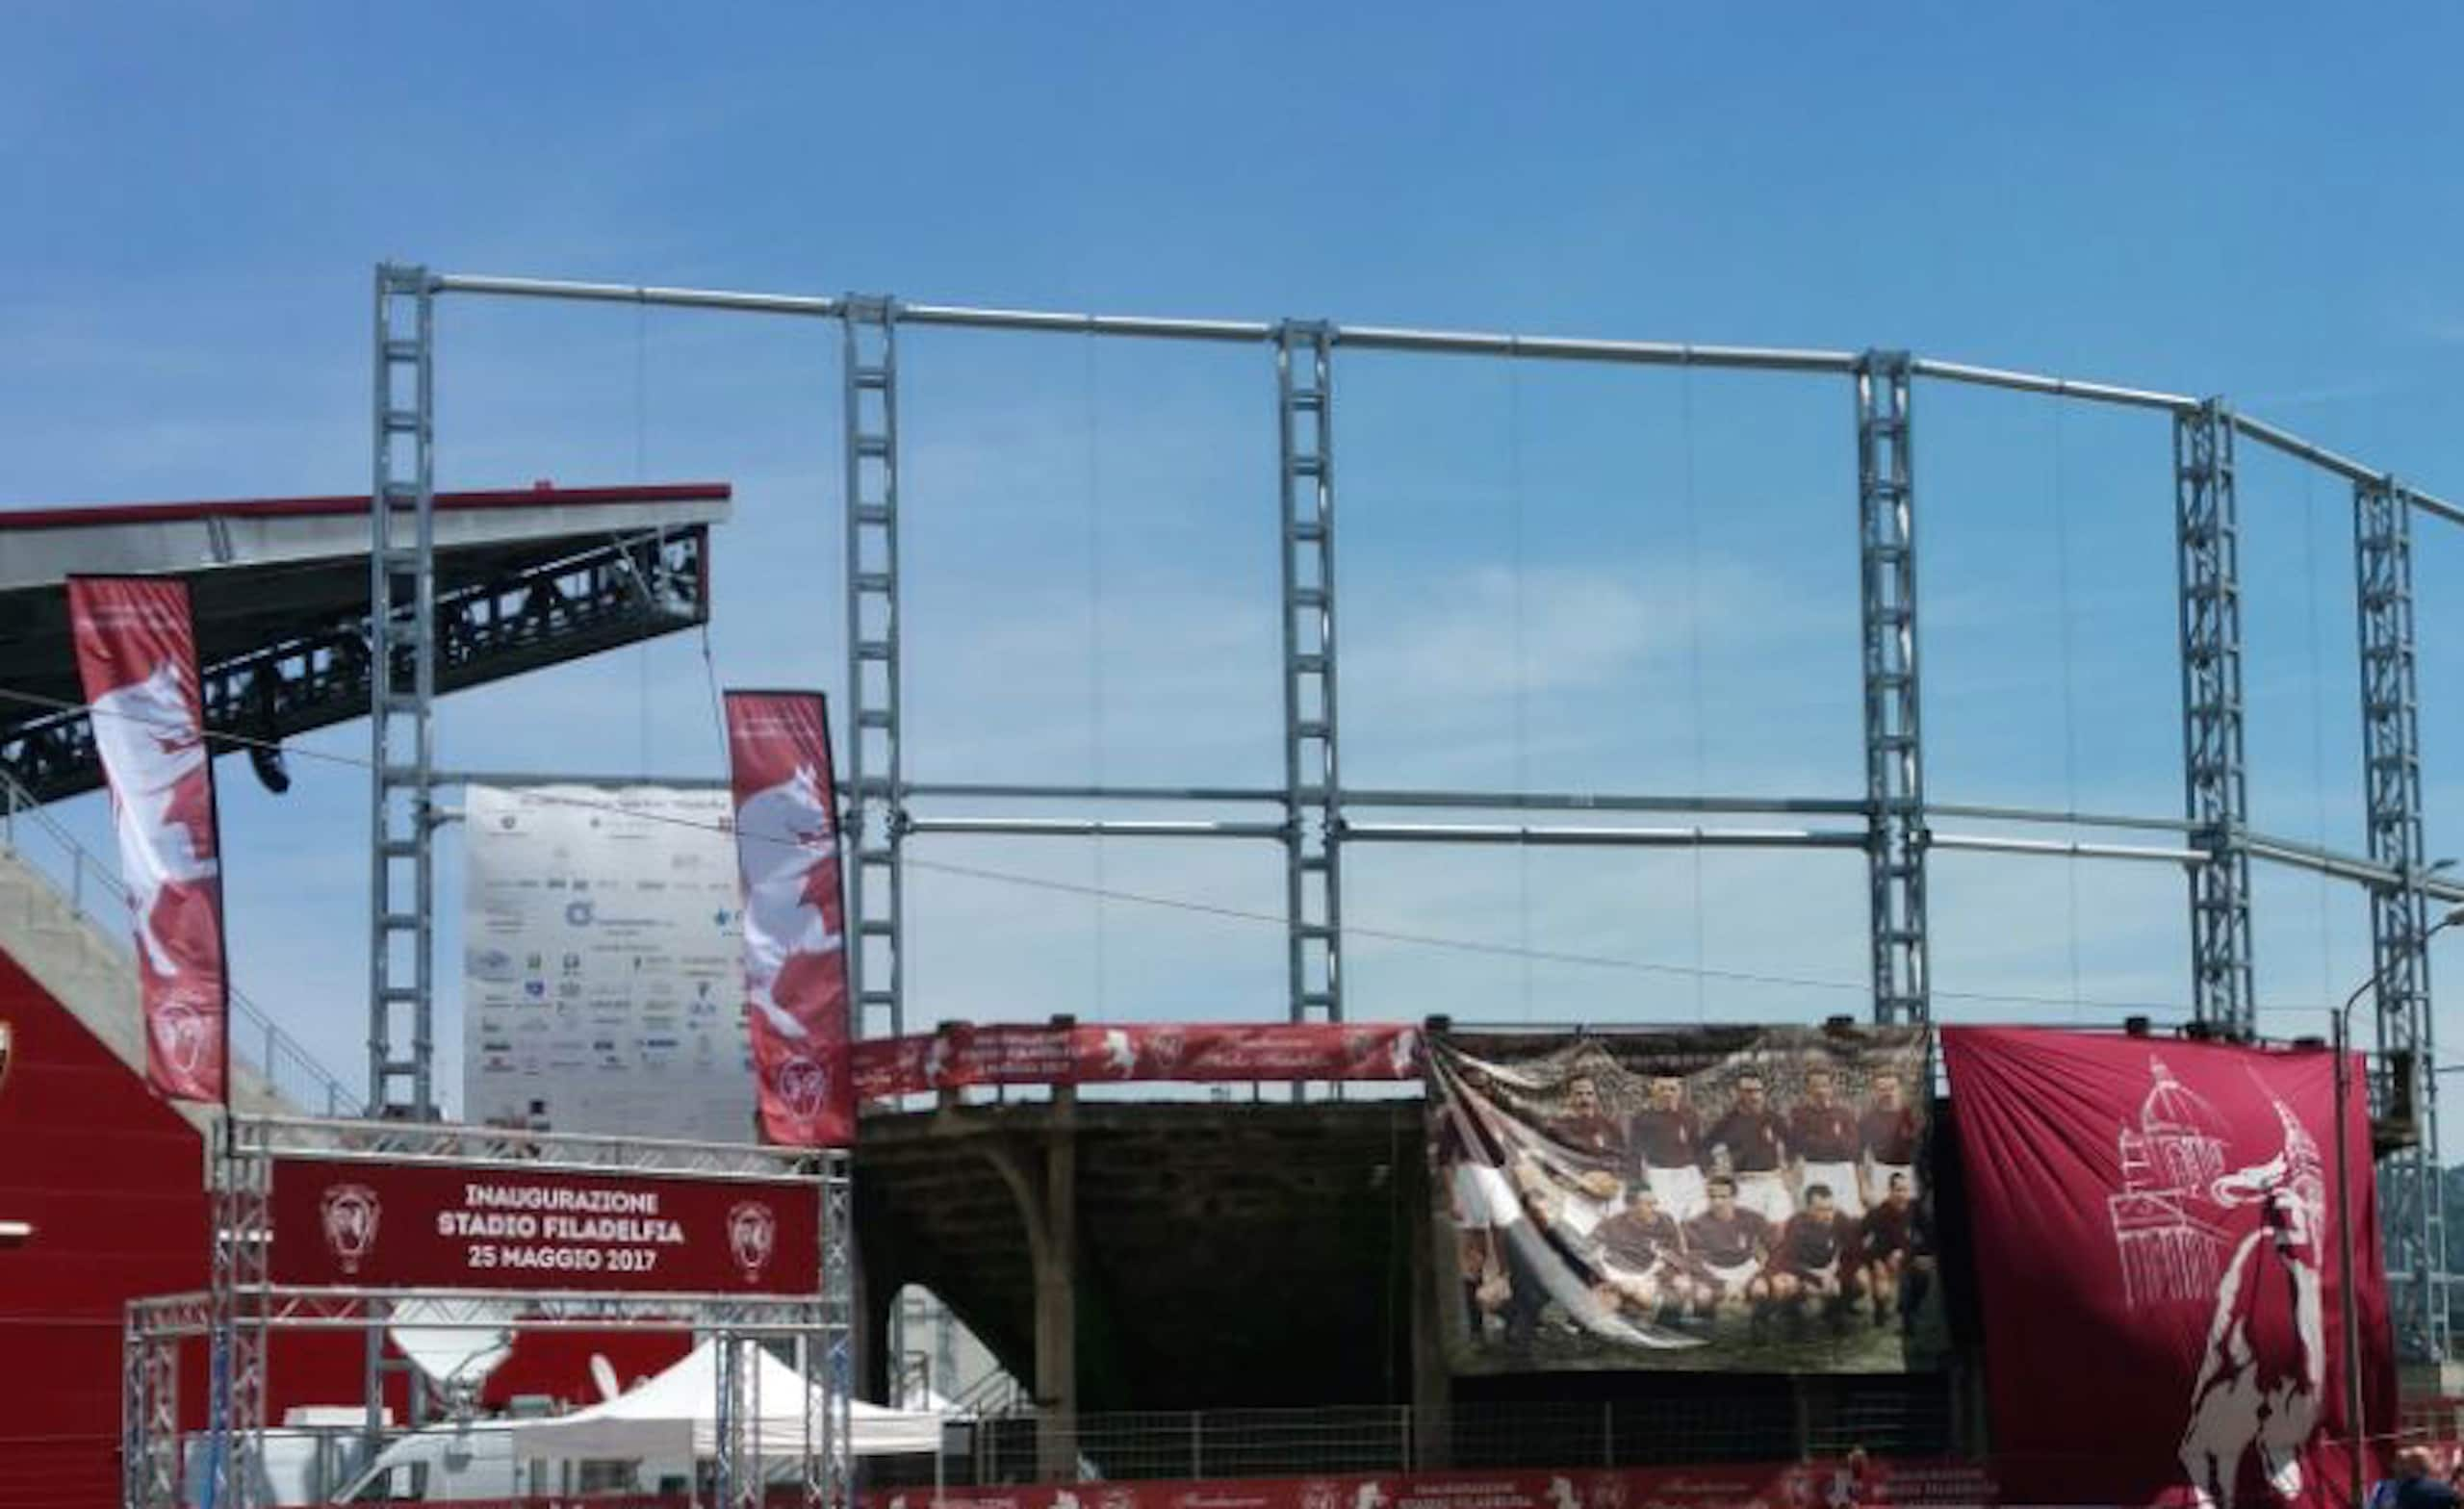 Torino: rinasce il Fila, rinasce lo spirito granata